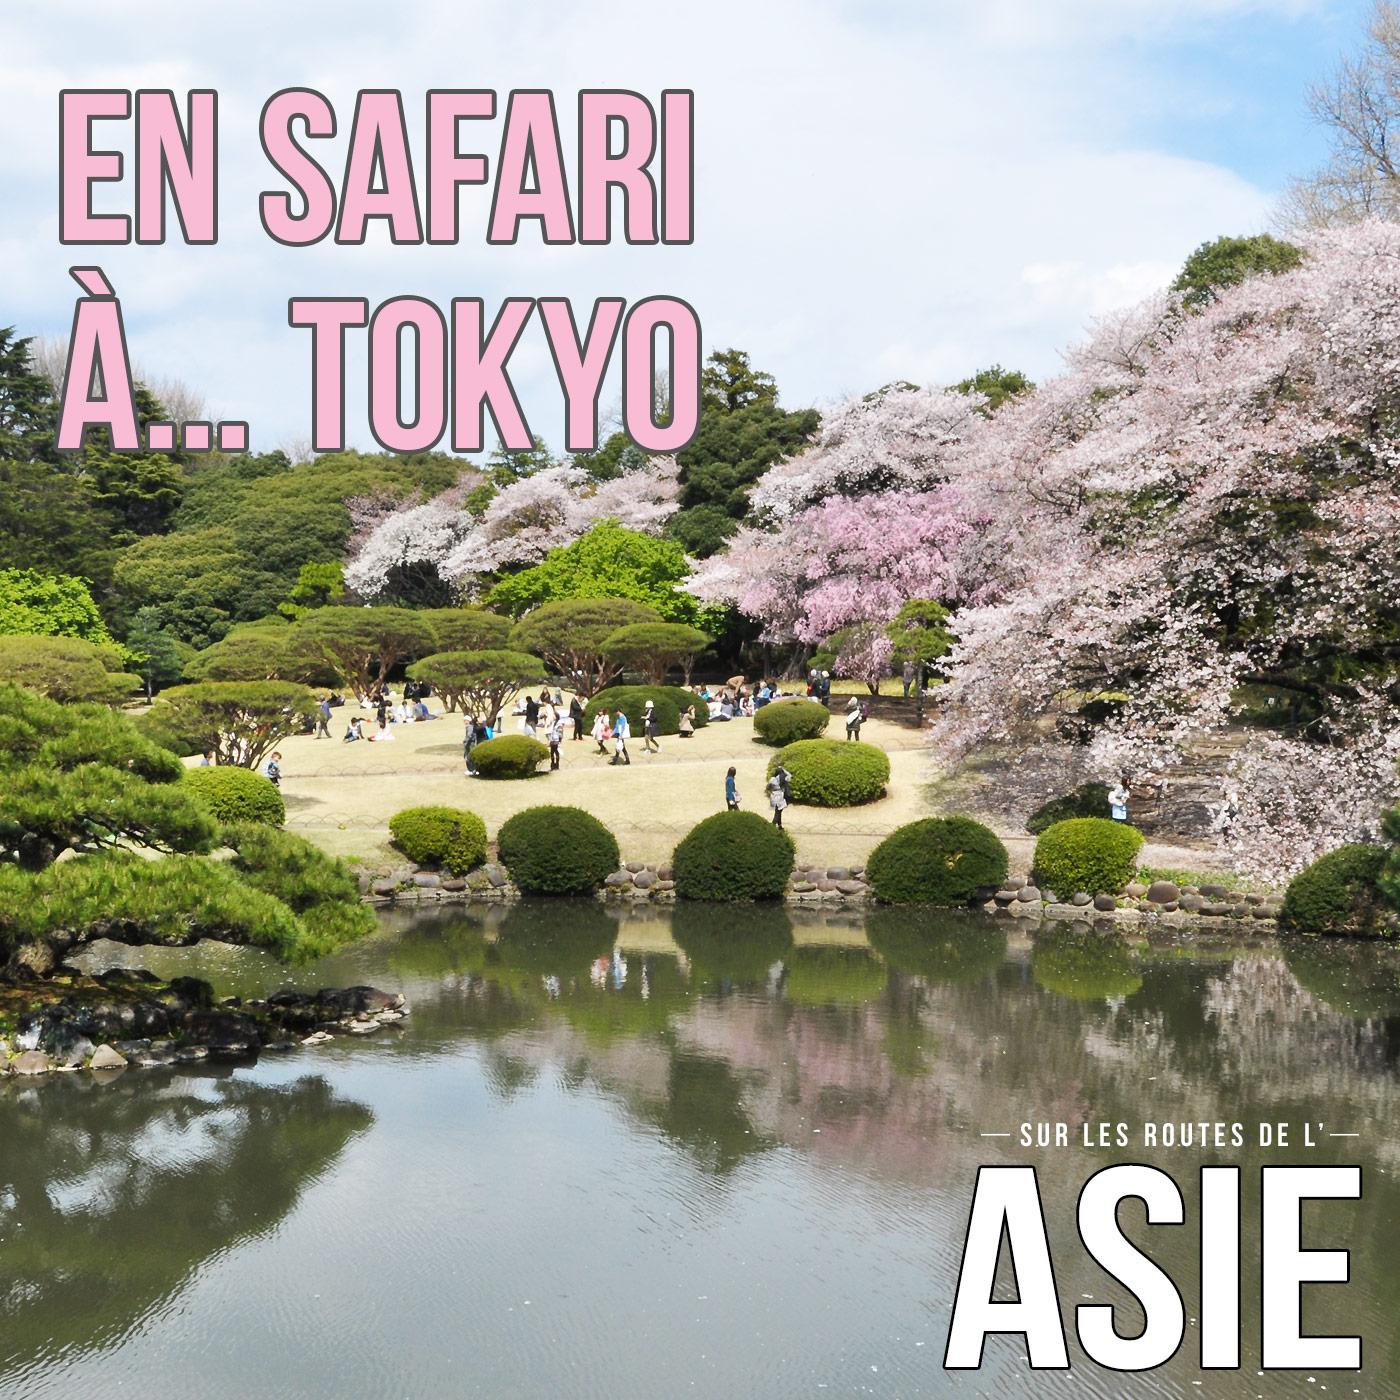 En safari à... Tokyo (Japon)